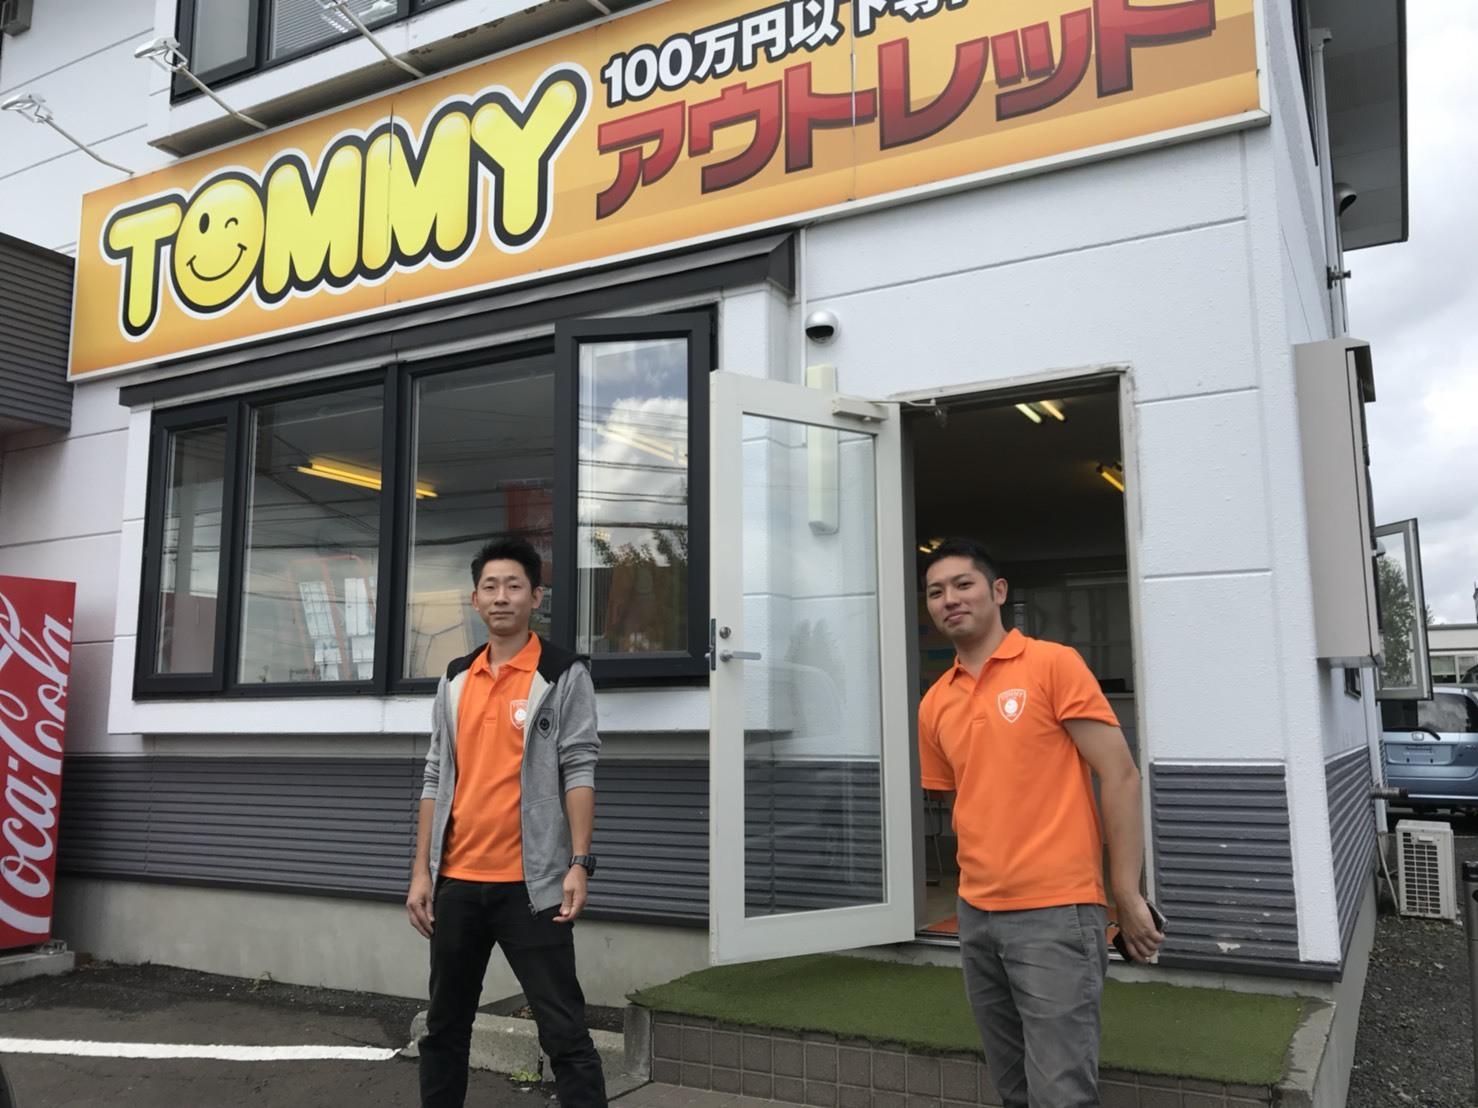 9月8日 トミーアウトレットブログ☆通常営業再開です!!ハイエースD社様納車!!_b0127002_18460297.jpg